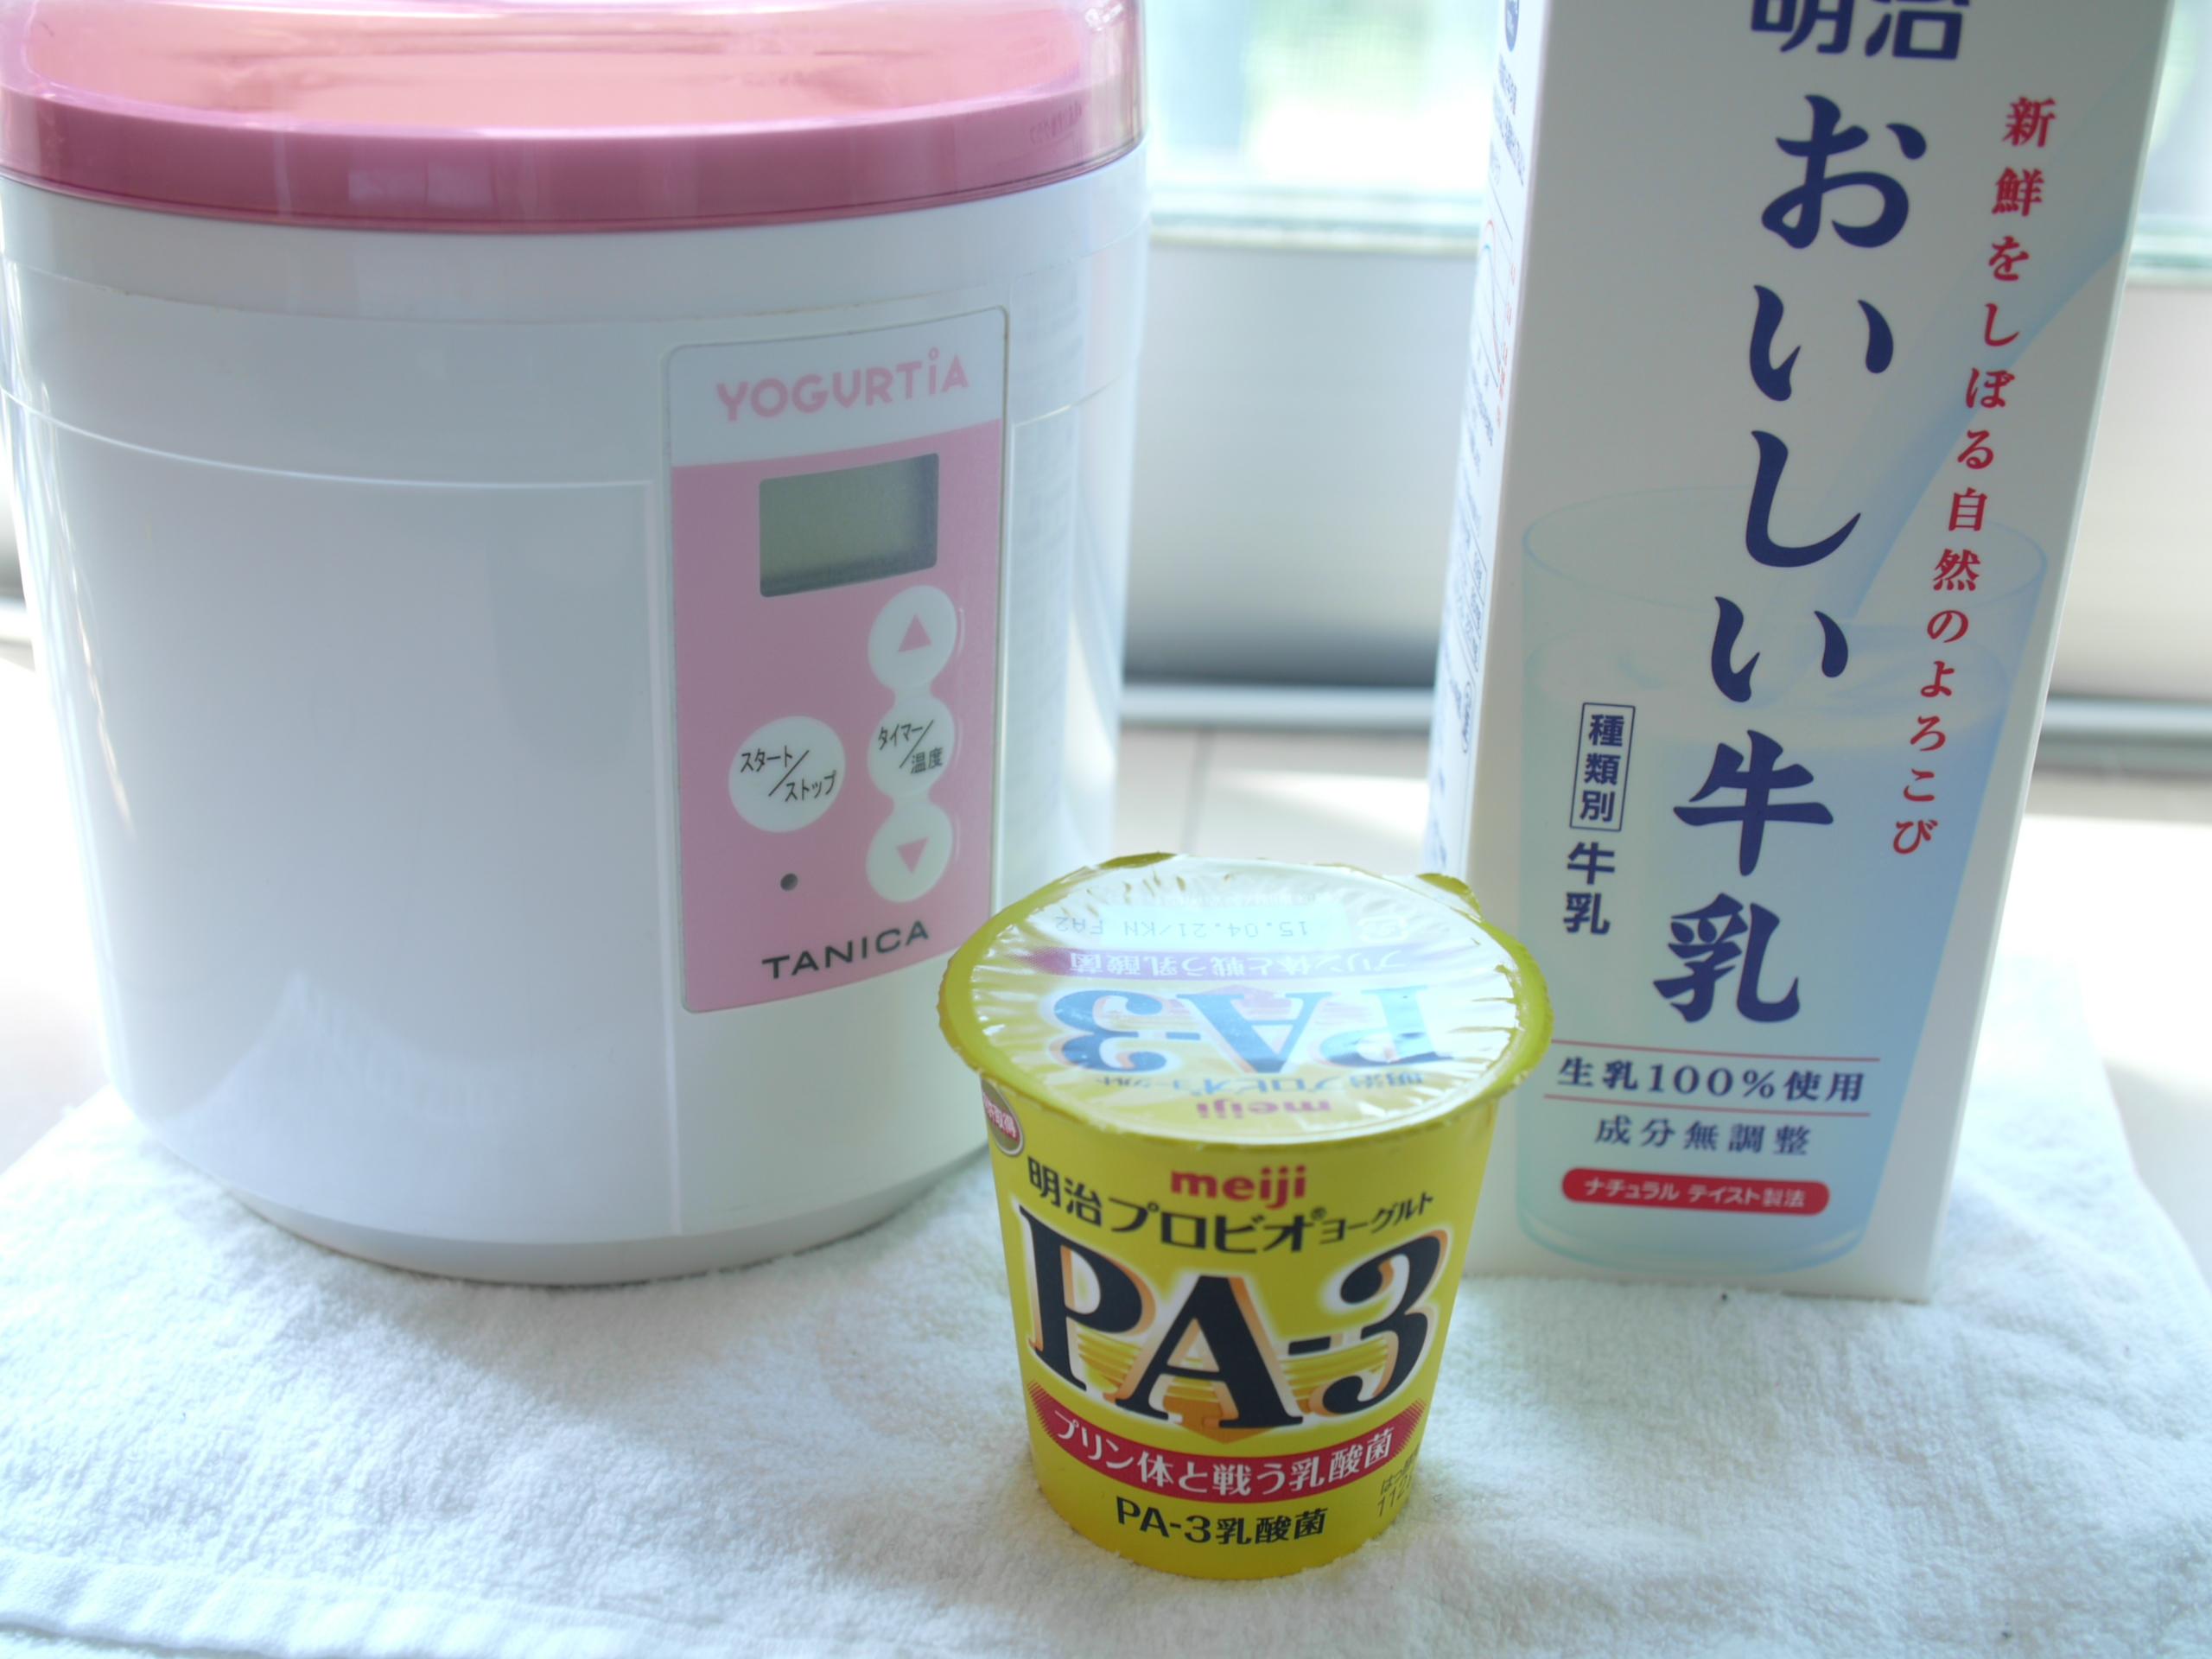 PA-3とおいしい牛乳